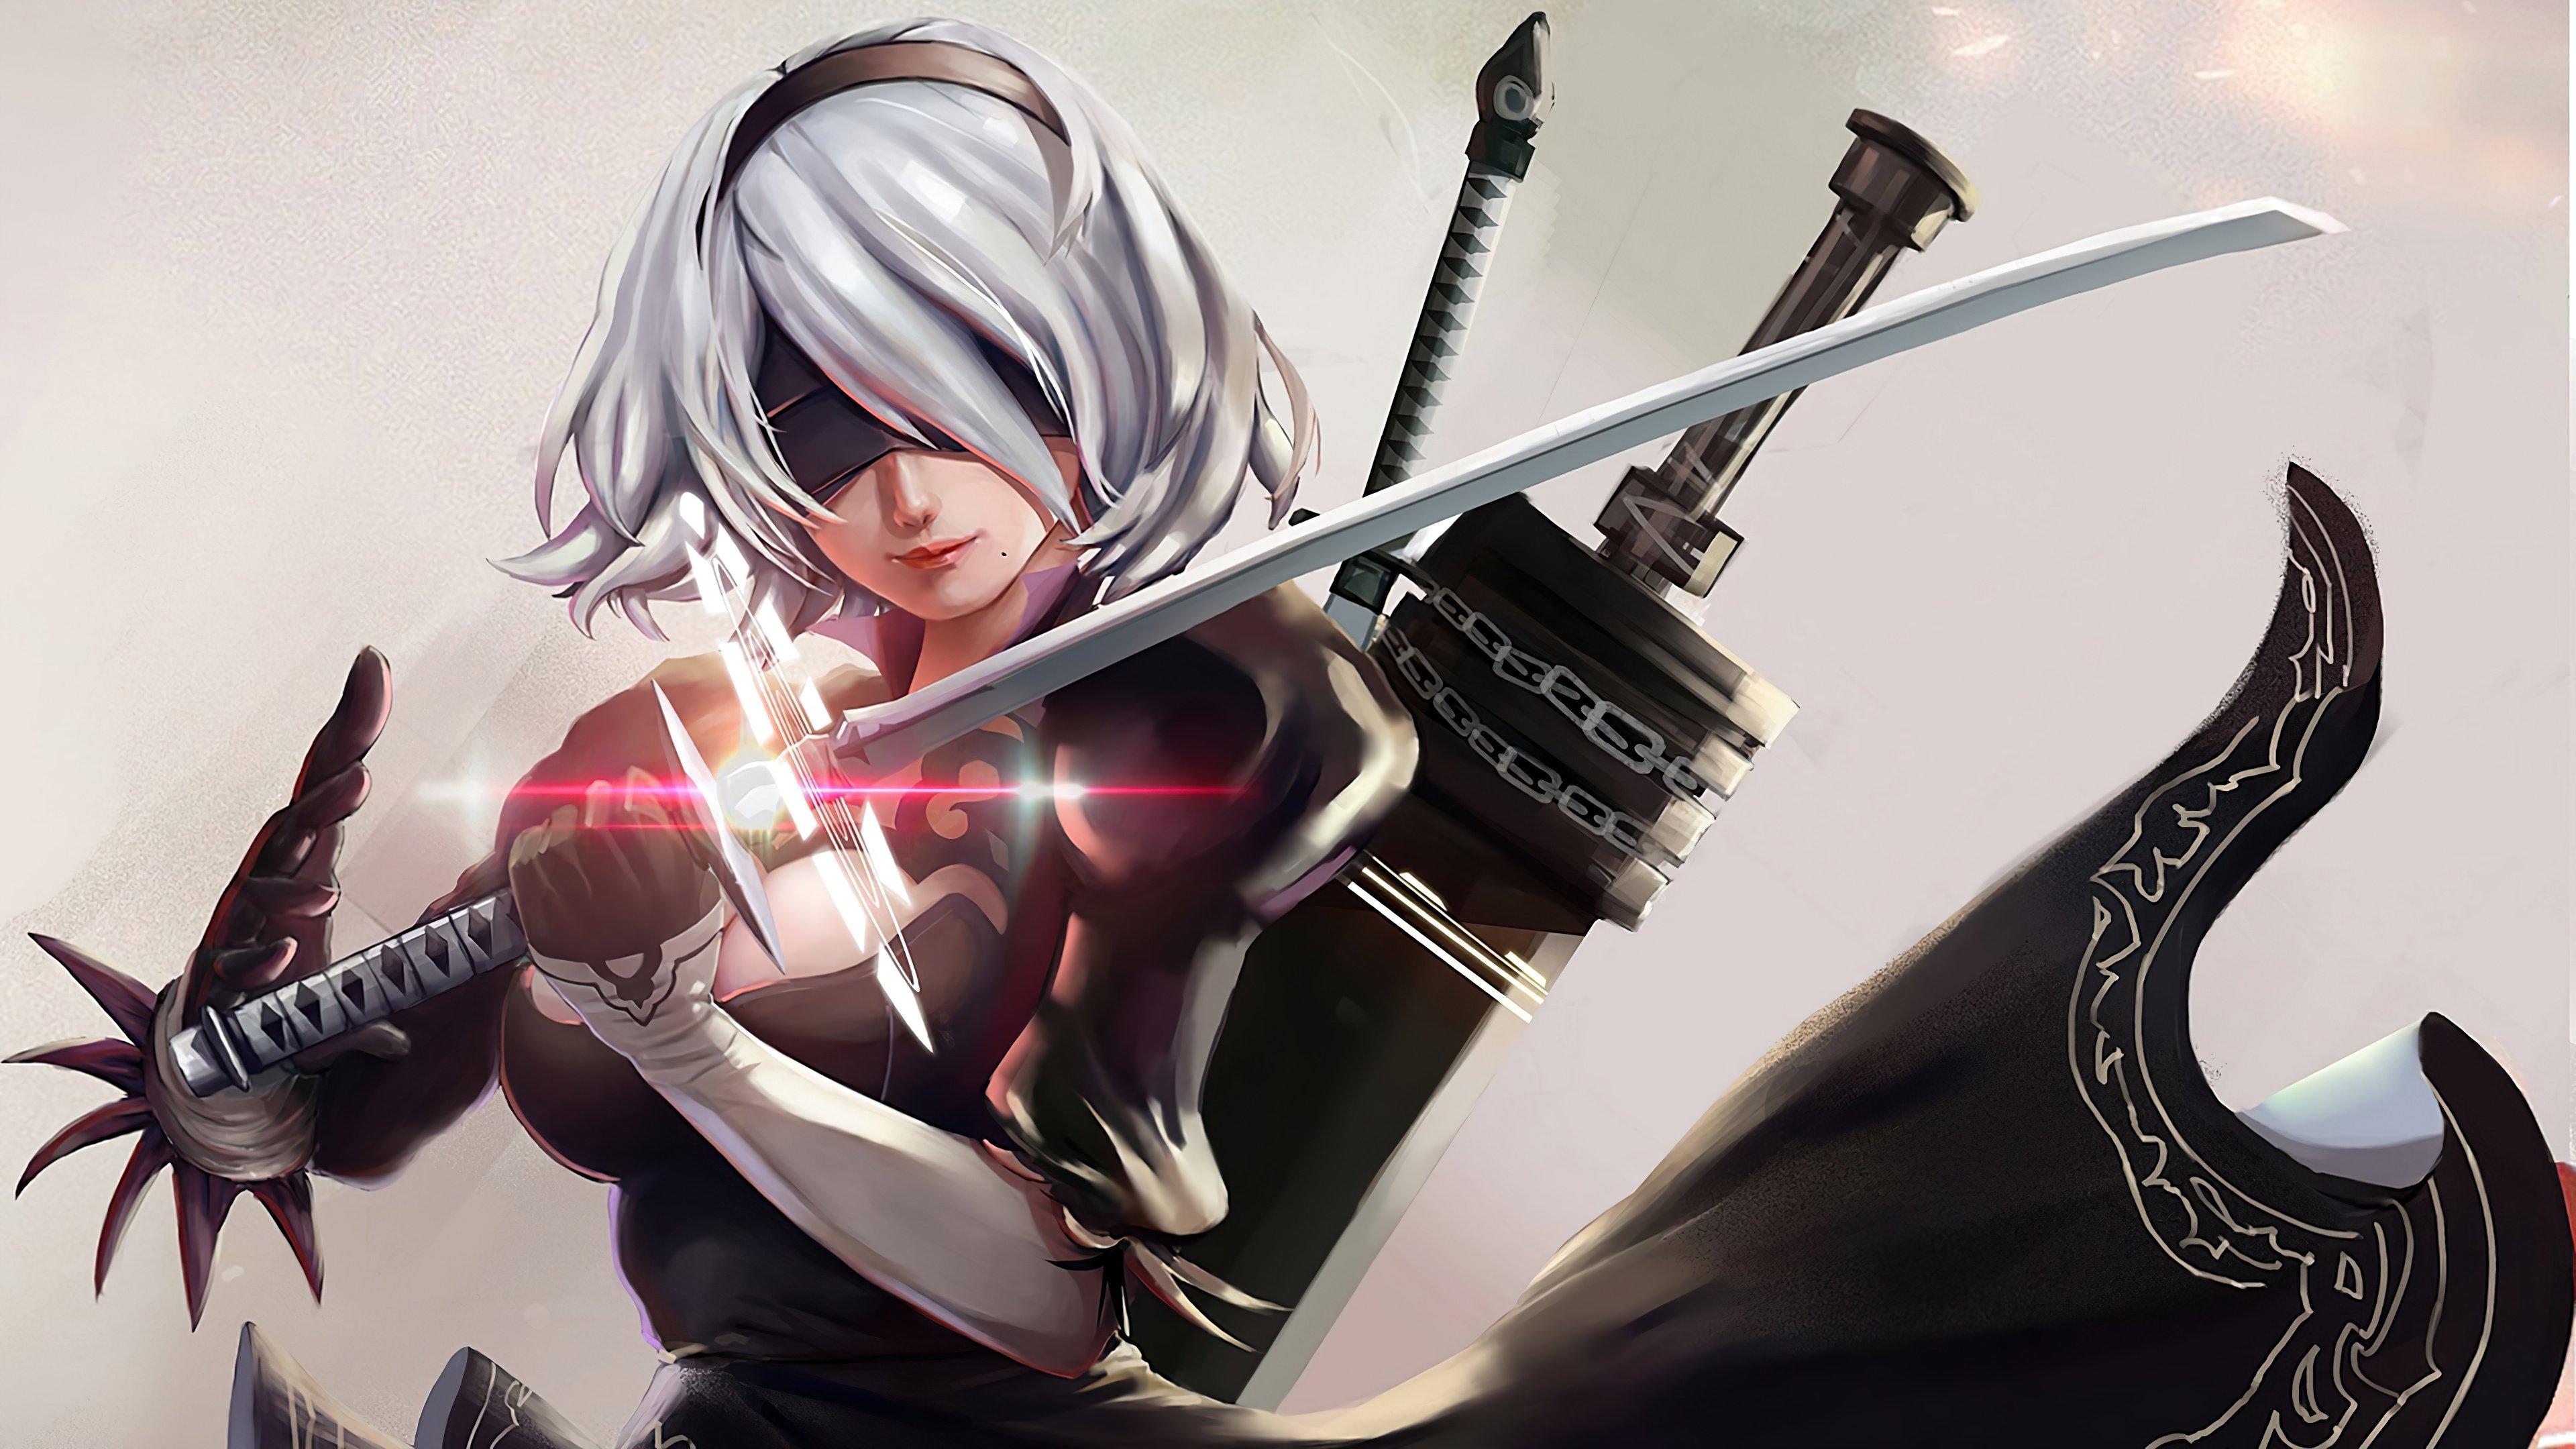 Fondos de pantalla Anime Yorha 2B con Katana Nier Automata